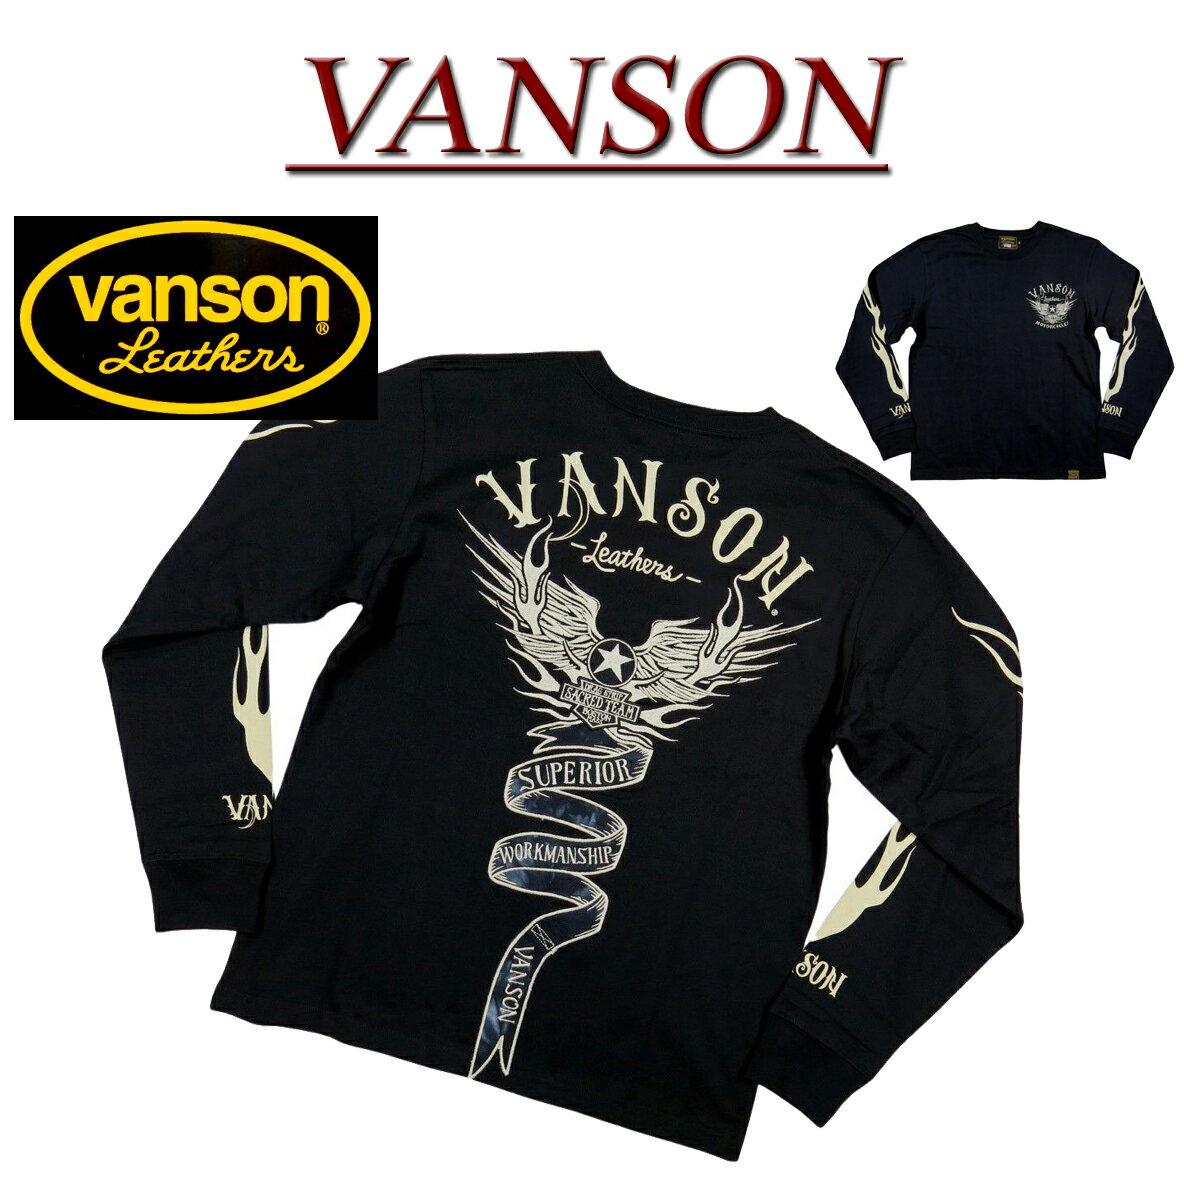 トップス, Tシャツ・カットソー 2020 4 nb681 VANSON T NVLT-2026 FLYING STAR EMBLEM LONG SLEEVES T-SHIRT T smtb-kd